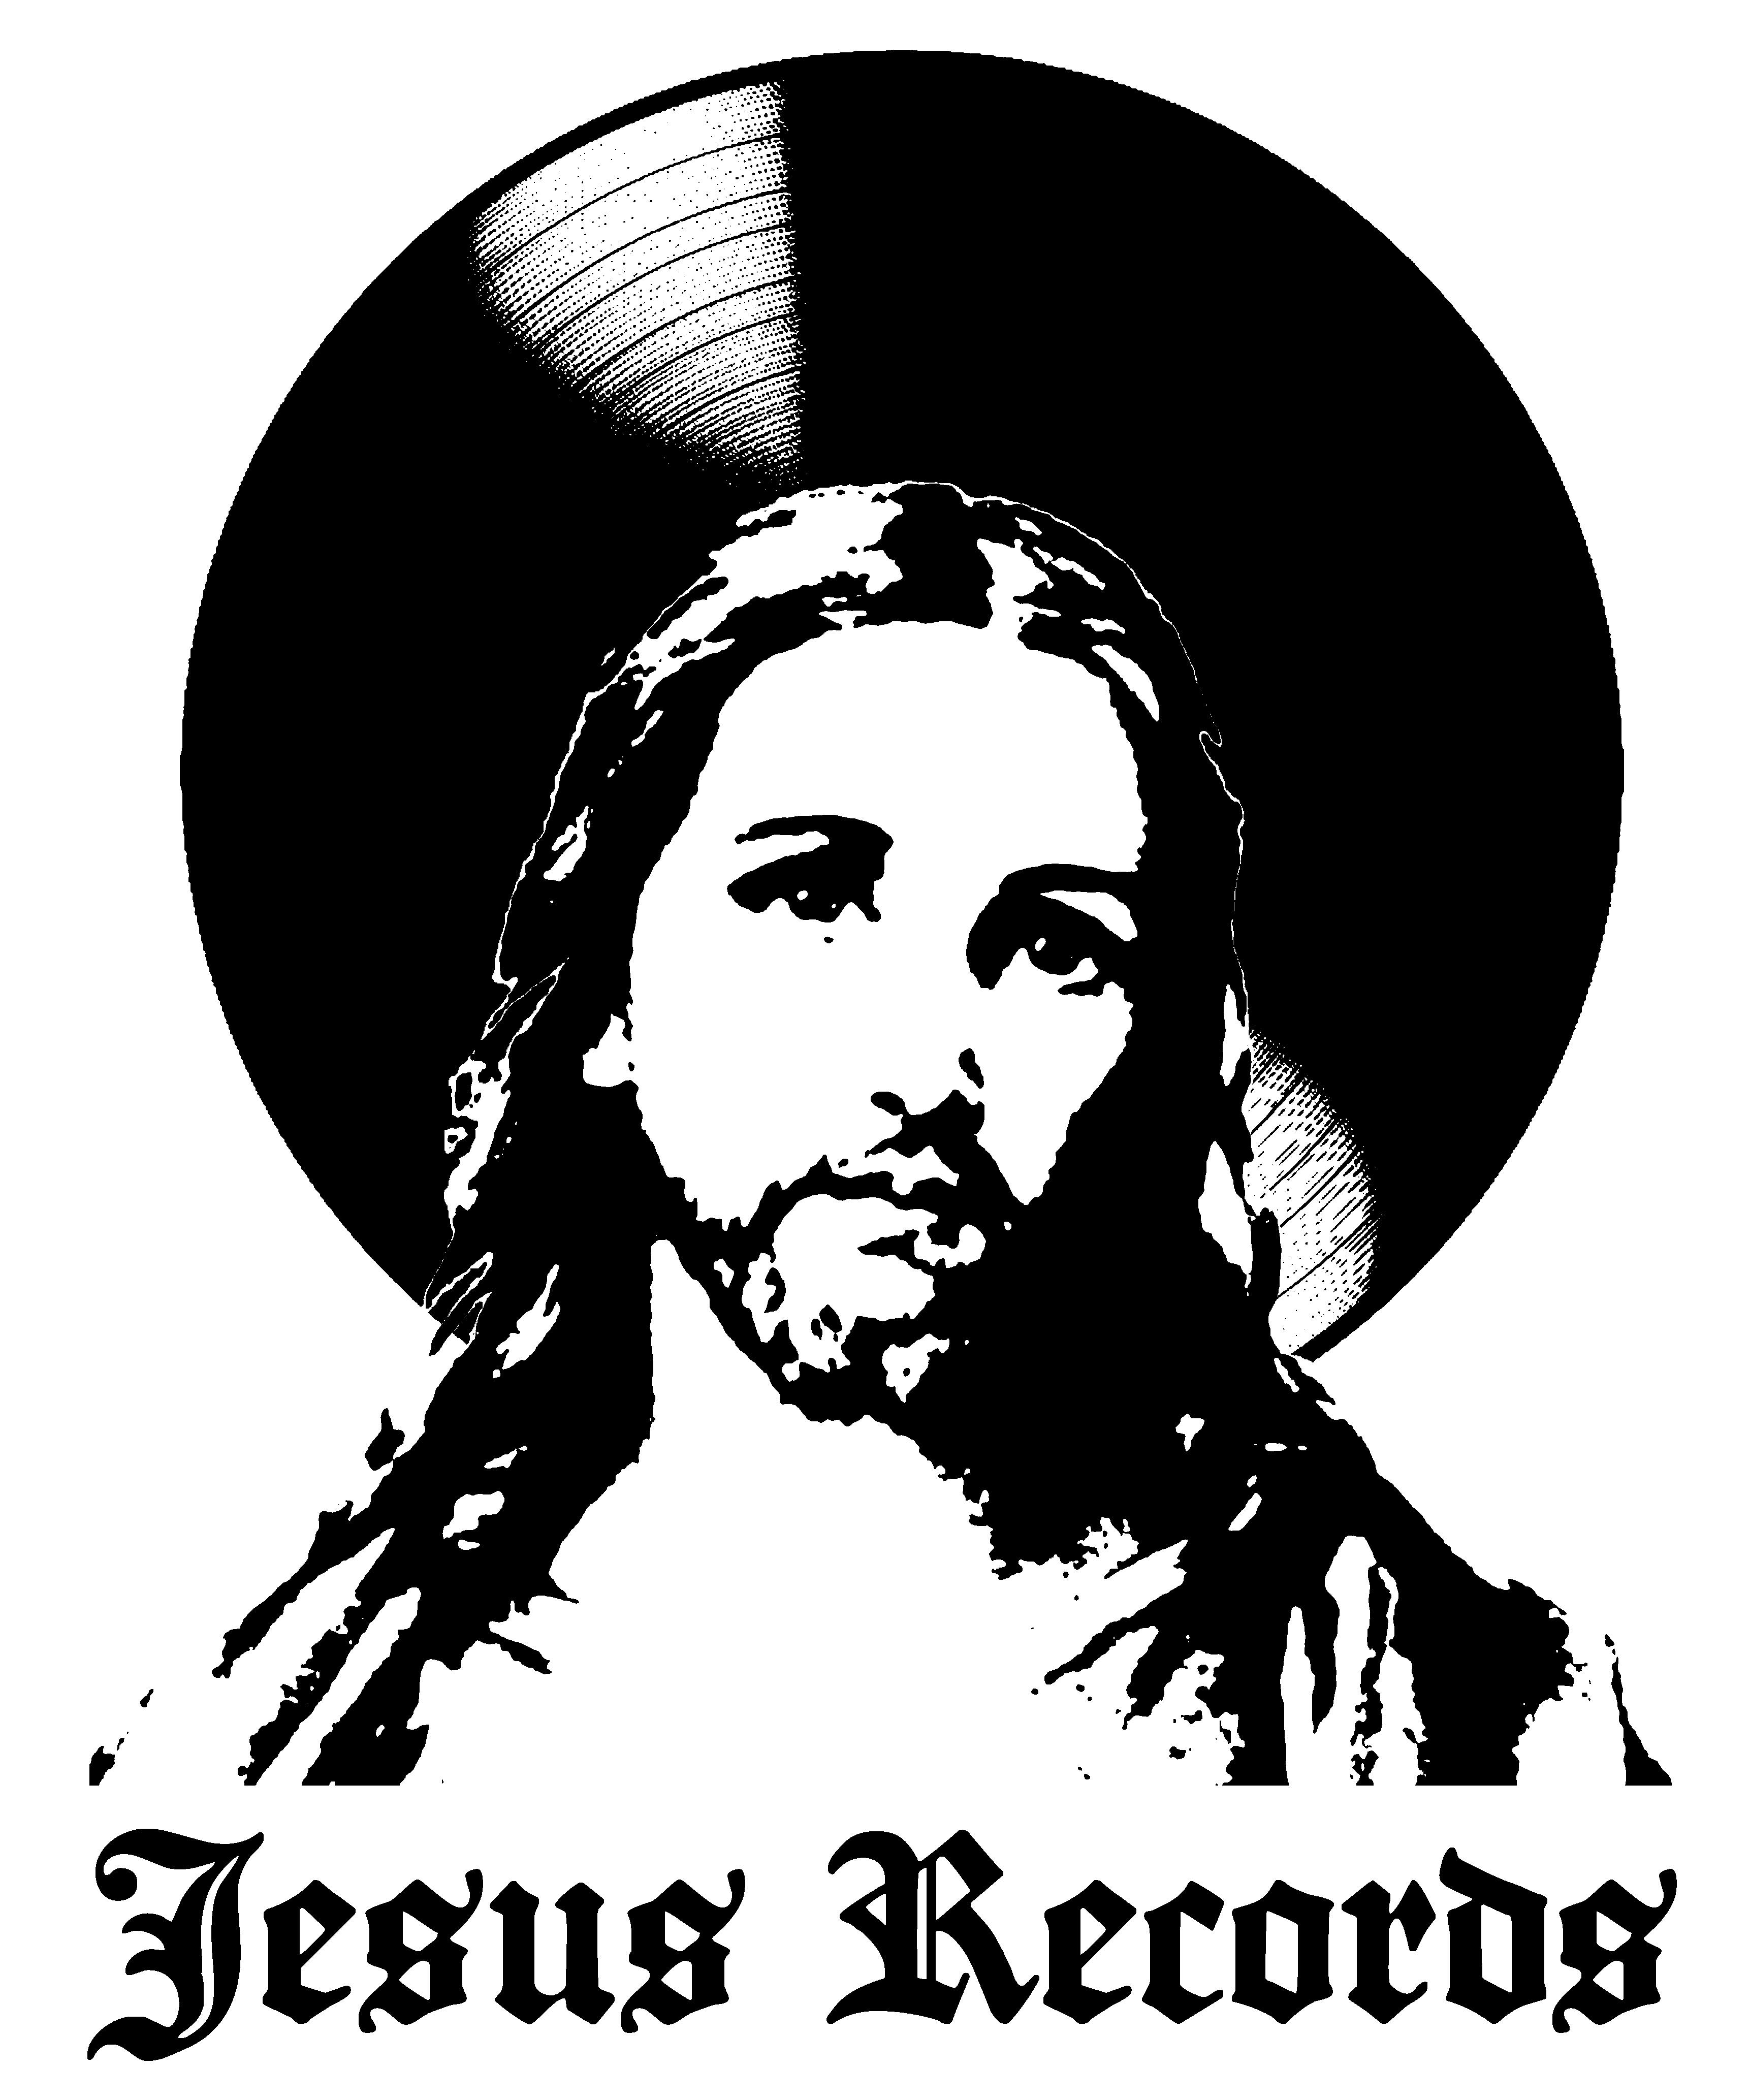 JesusRecords_Logomark